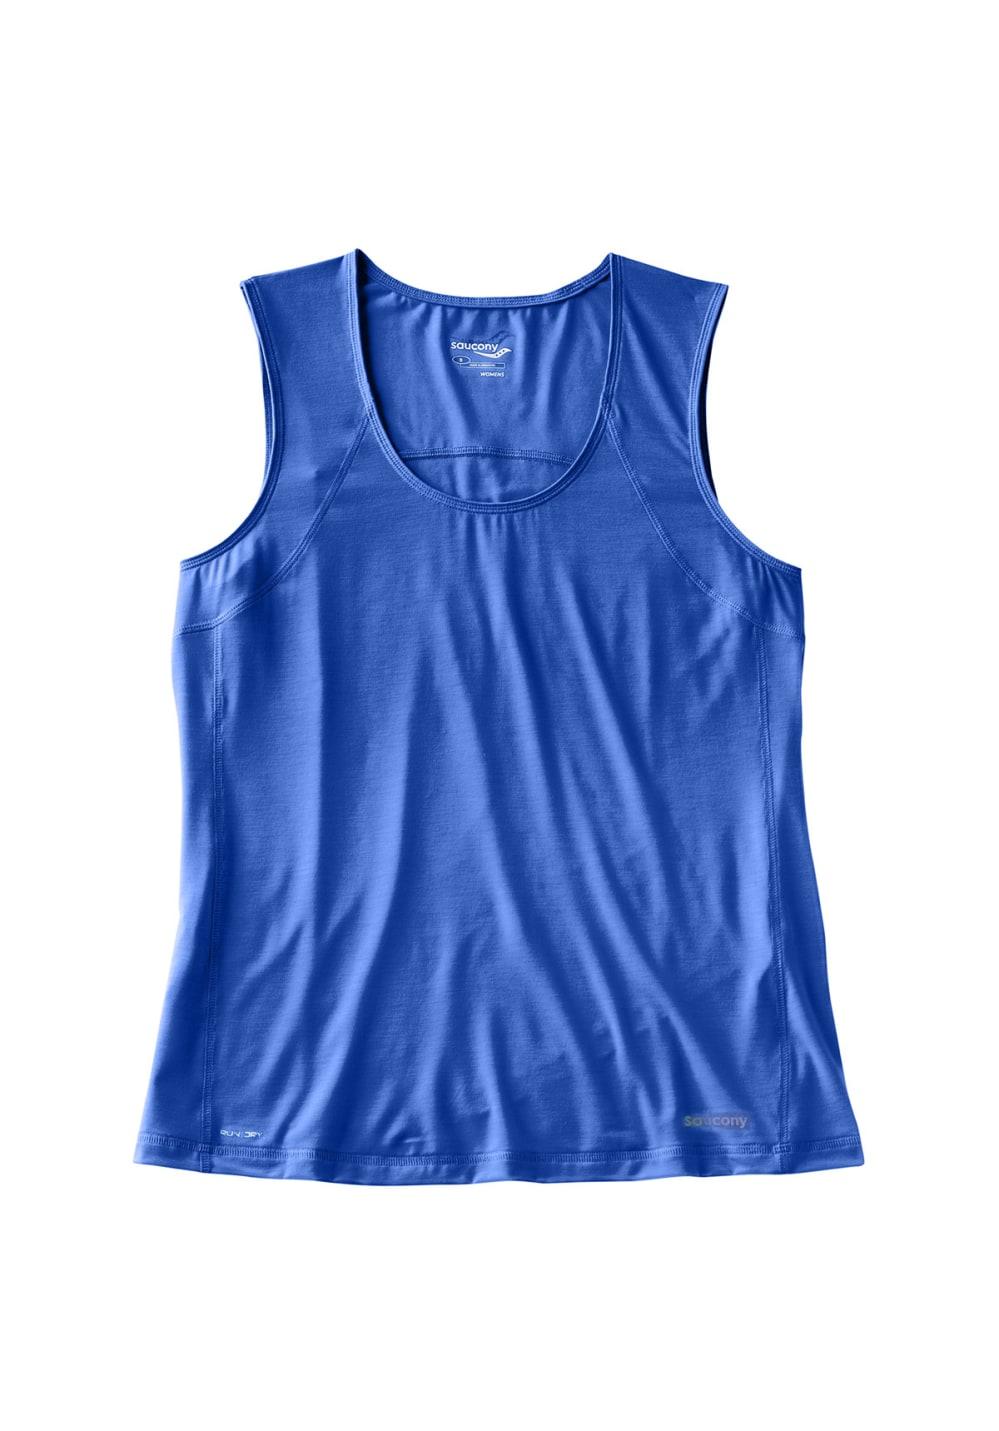 Saucony Freedom Sleeveless - Laufshirts für Damen - Blau, Gr. M